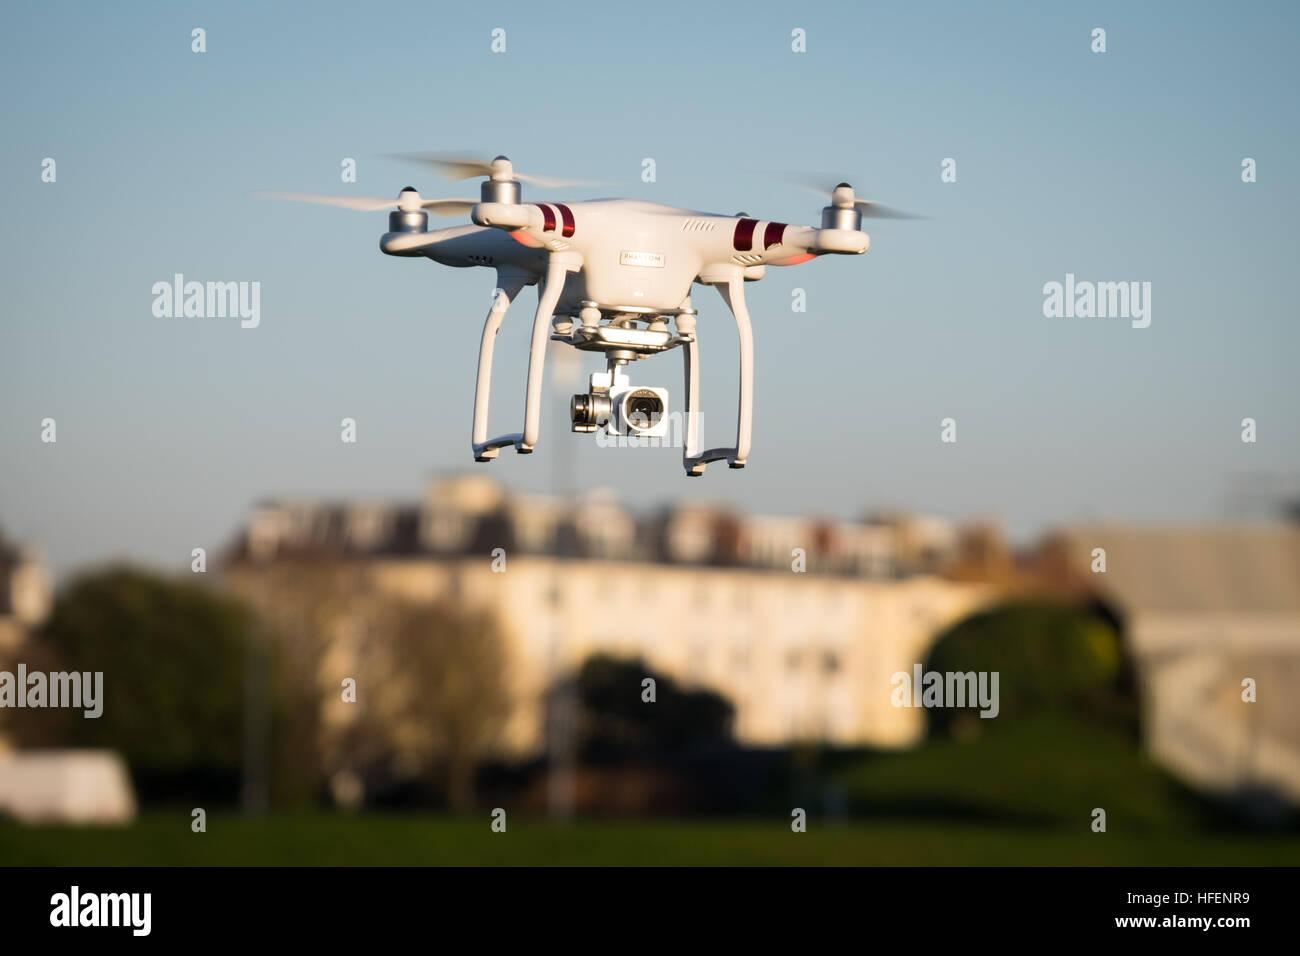 A DJI Phantom 3 Standard drone in flight near Southsea Castle - Stock Image